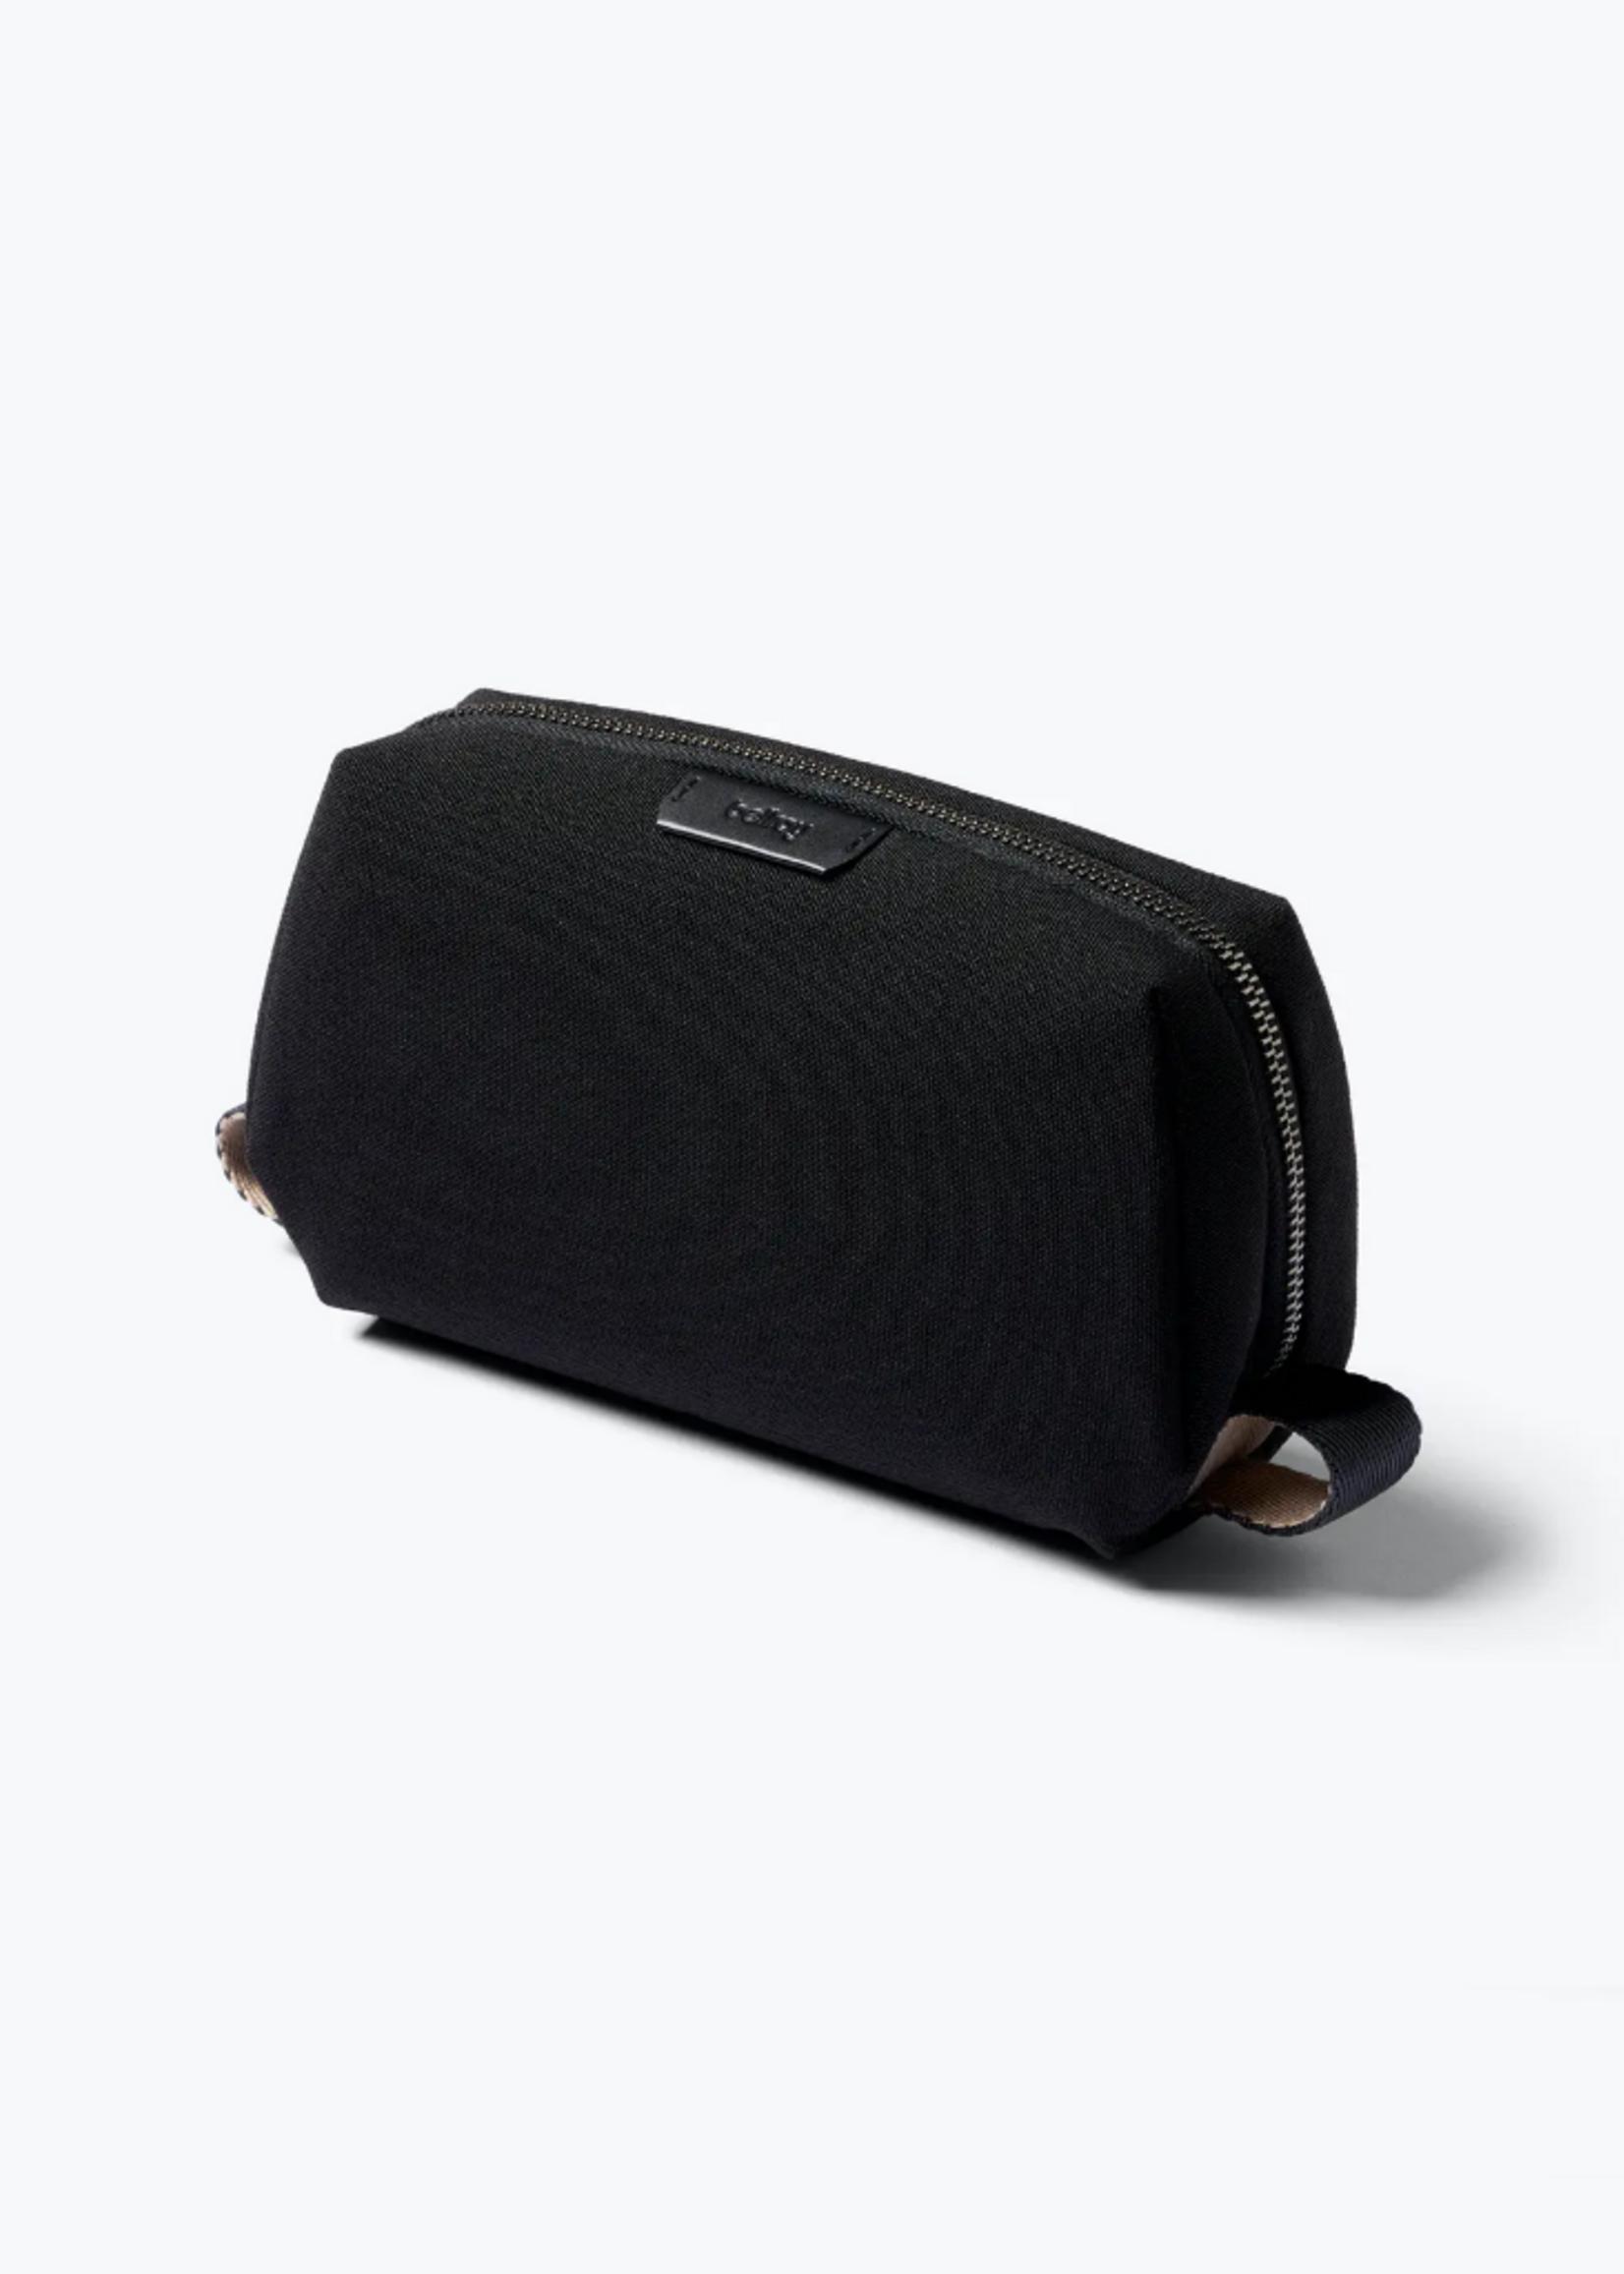 Bellroy Dopp Kit - Black